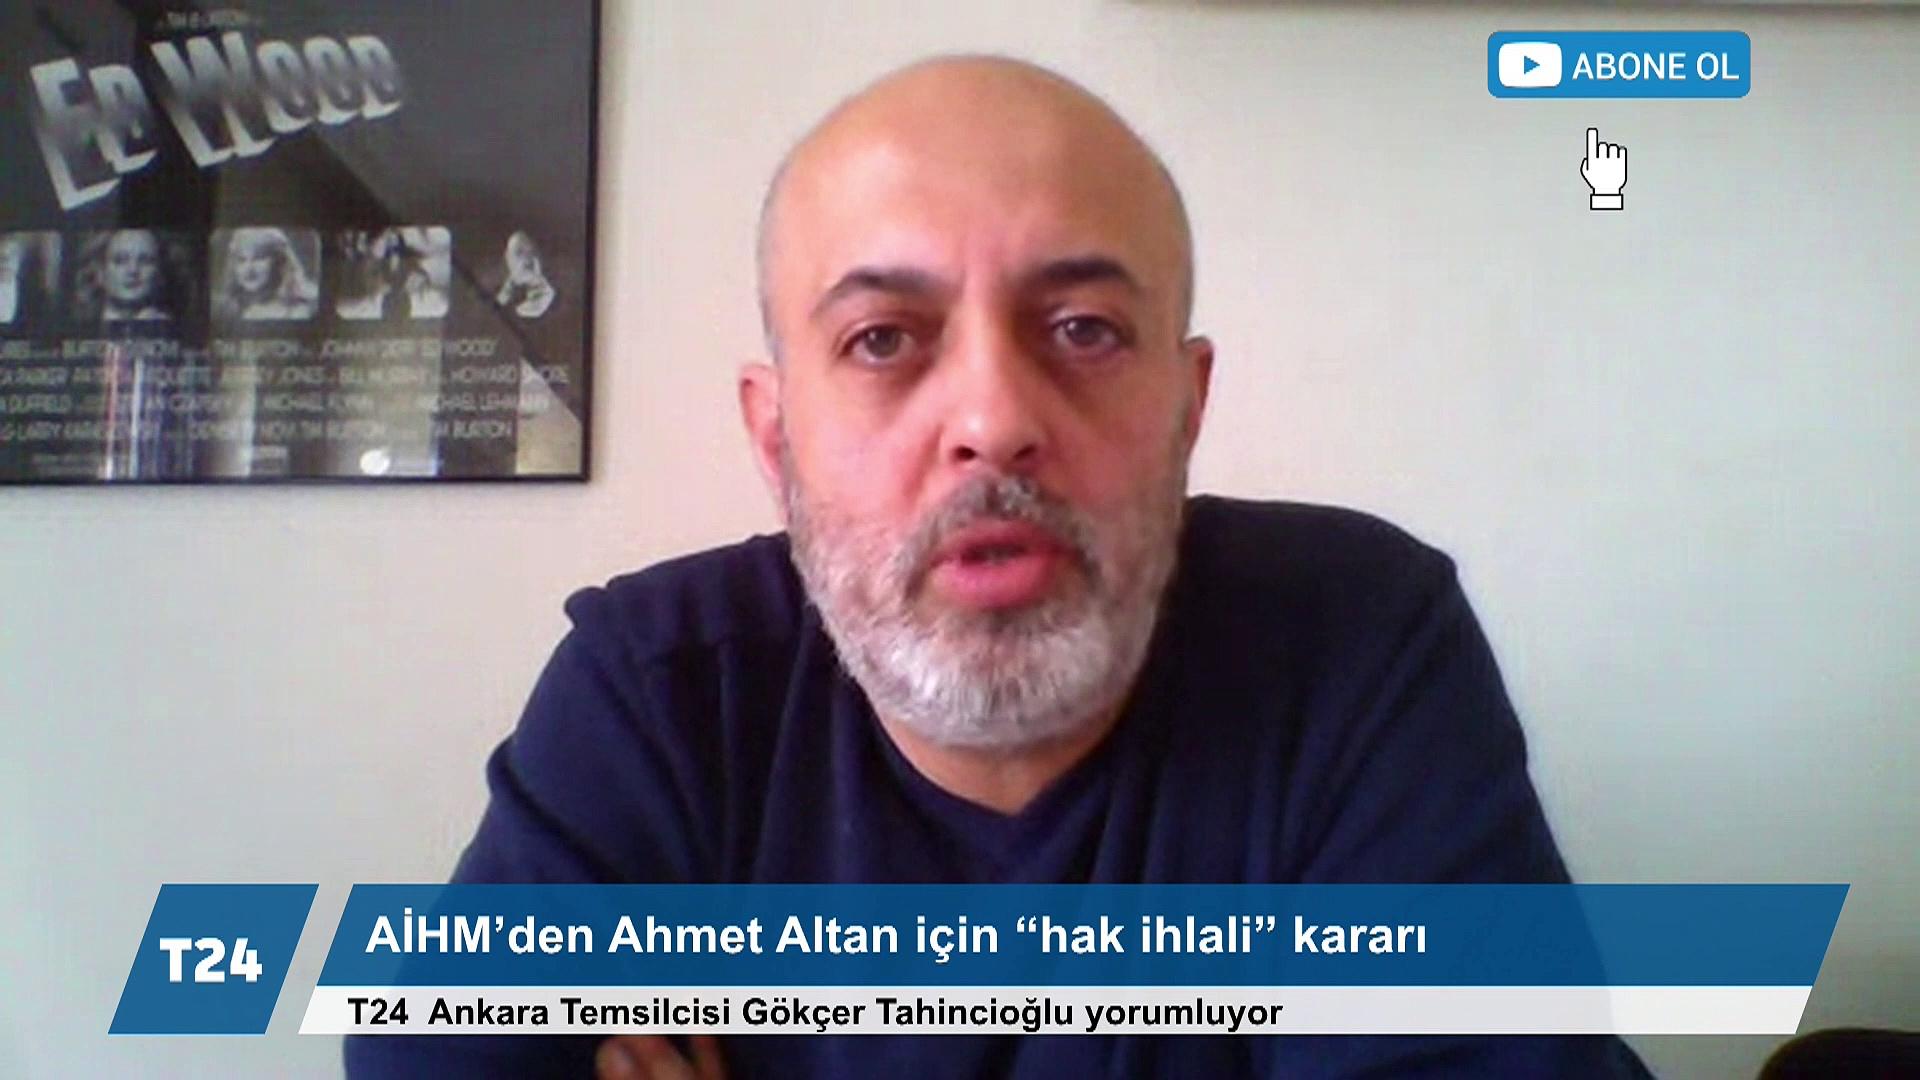 Gökçer Tahincioğlu, AİHM'in Ahmet Altan kararını yorumladı: AYM'nin reddettiği başvuruda AİHM ihlal kararı verdi